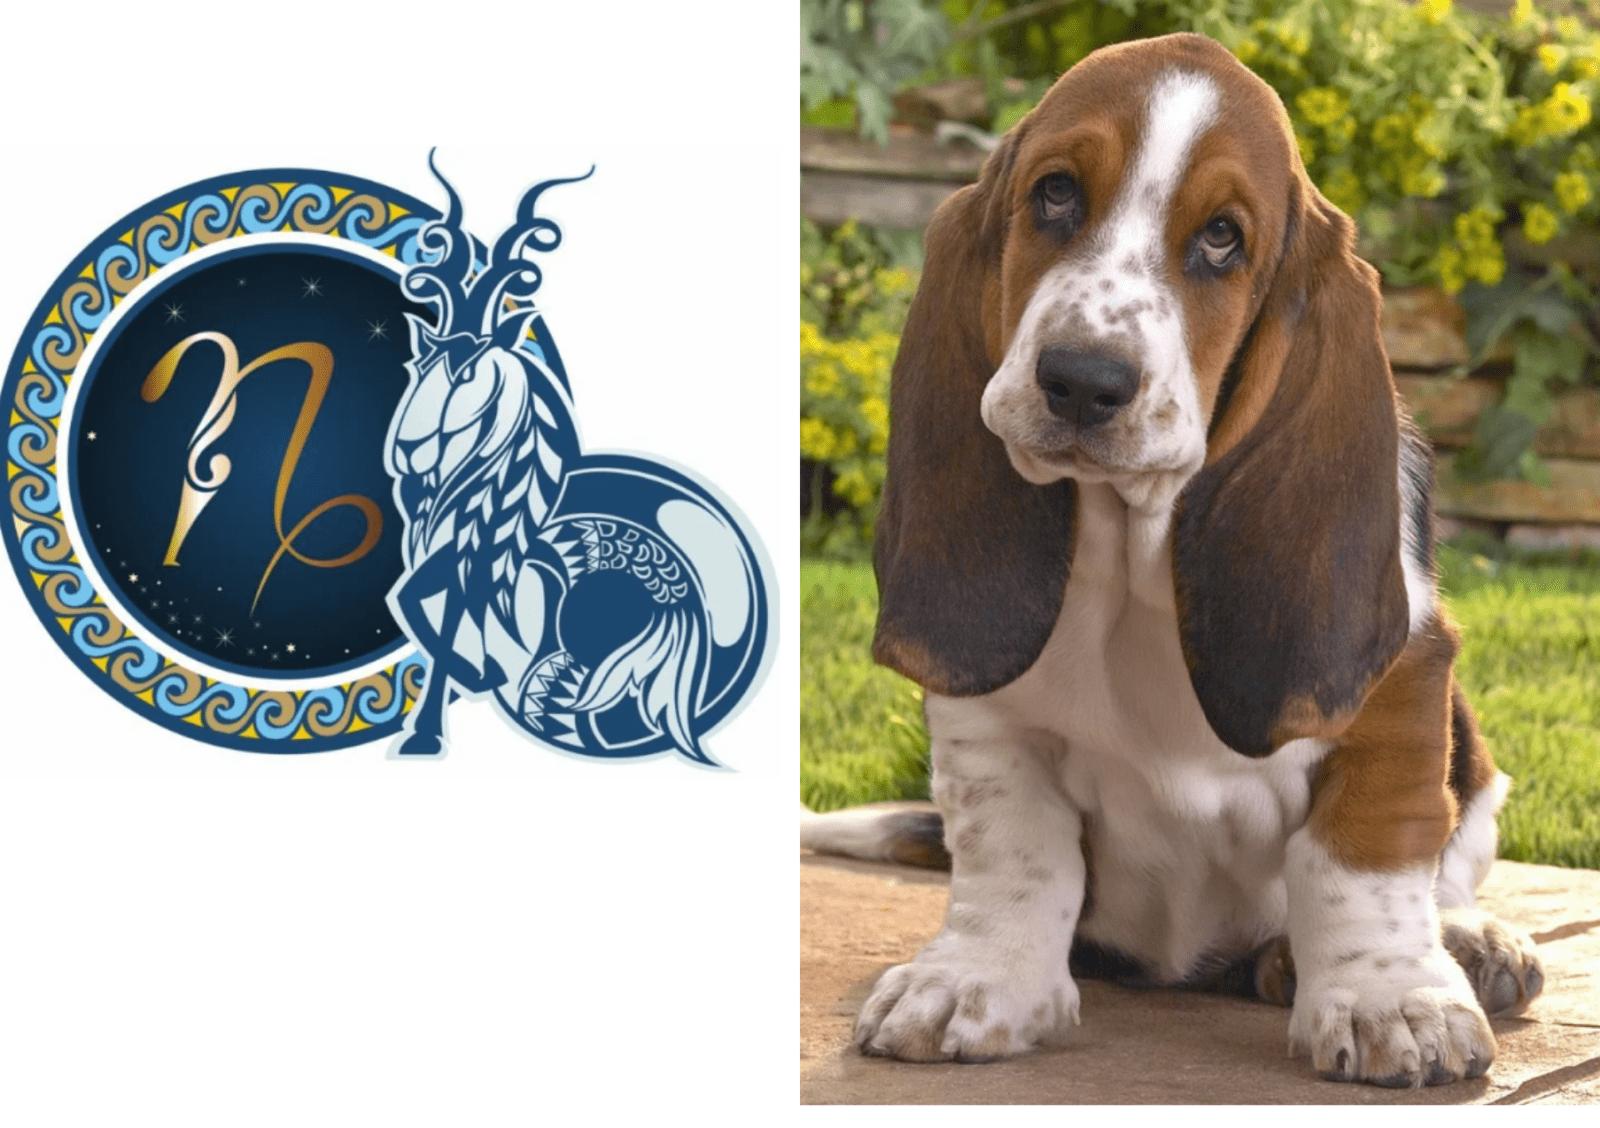 Порода собак, которая ассоциируется с каждым из знаков зодиака